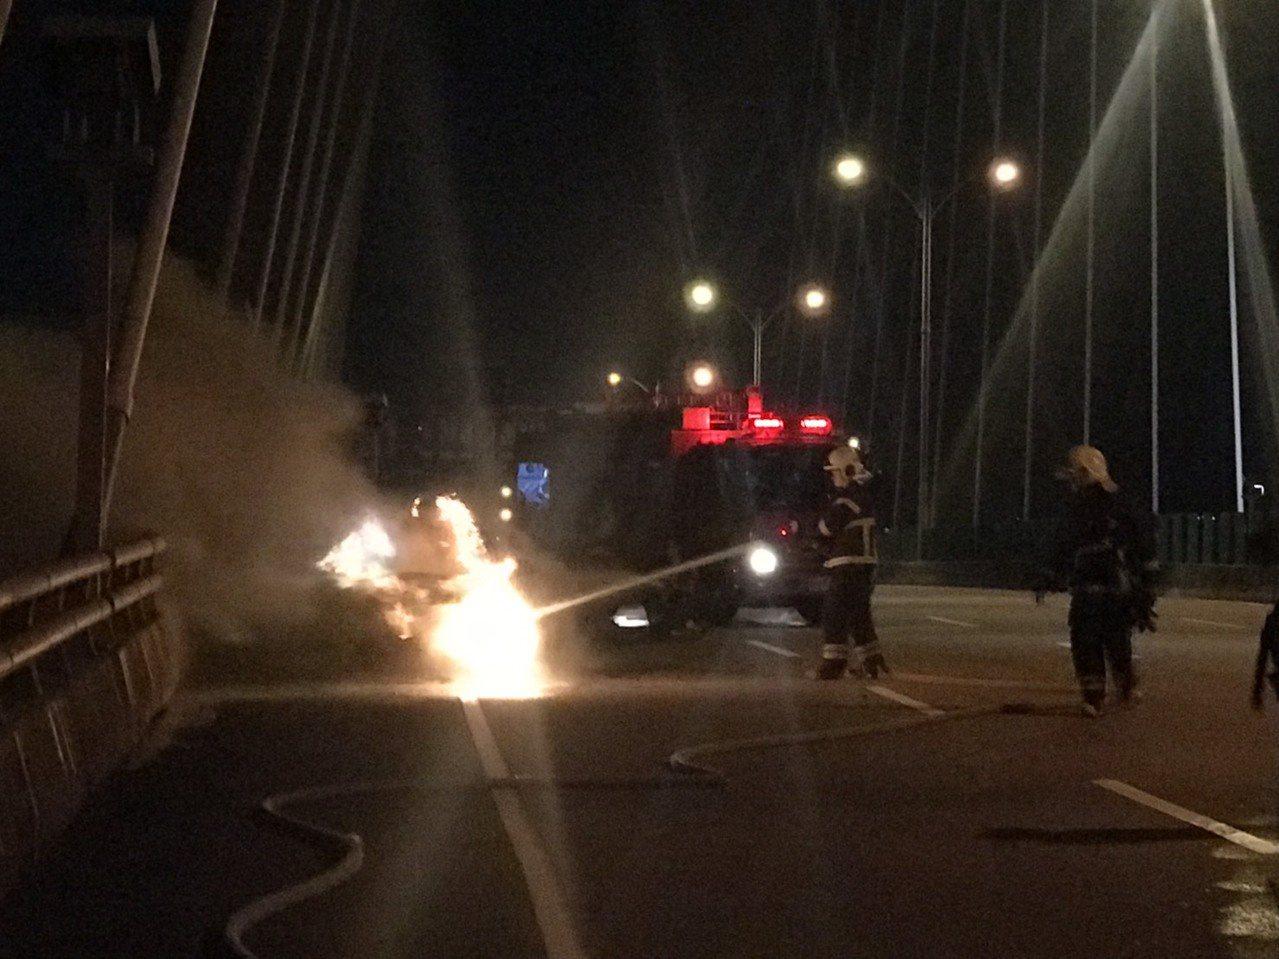 BMW跑車在新北大橋上起火燃燒,消防隊正射水撲滅。記者林昭彰/翻攝